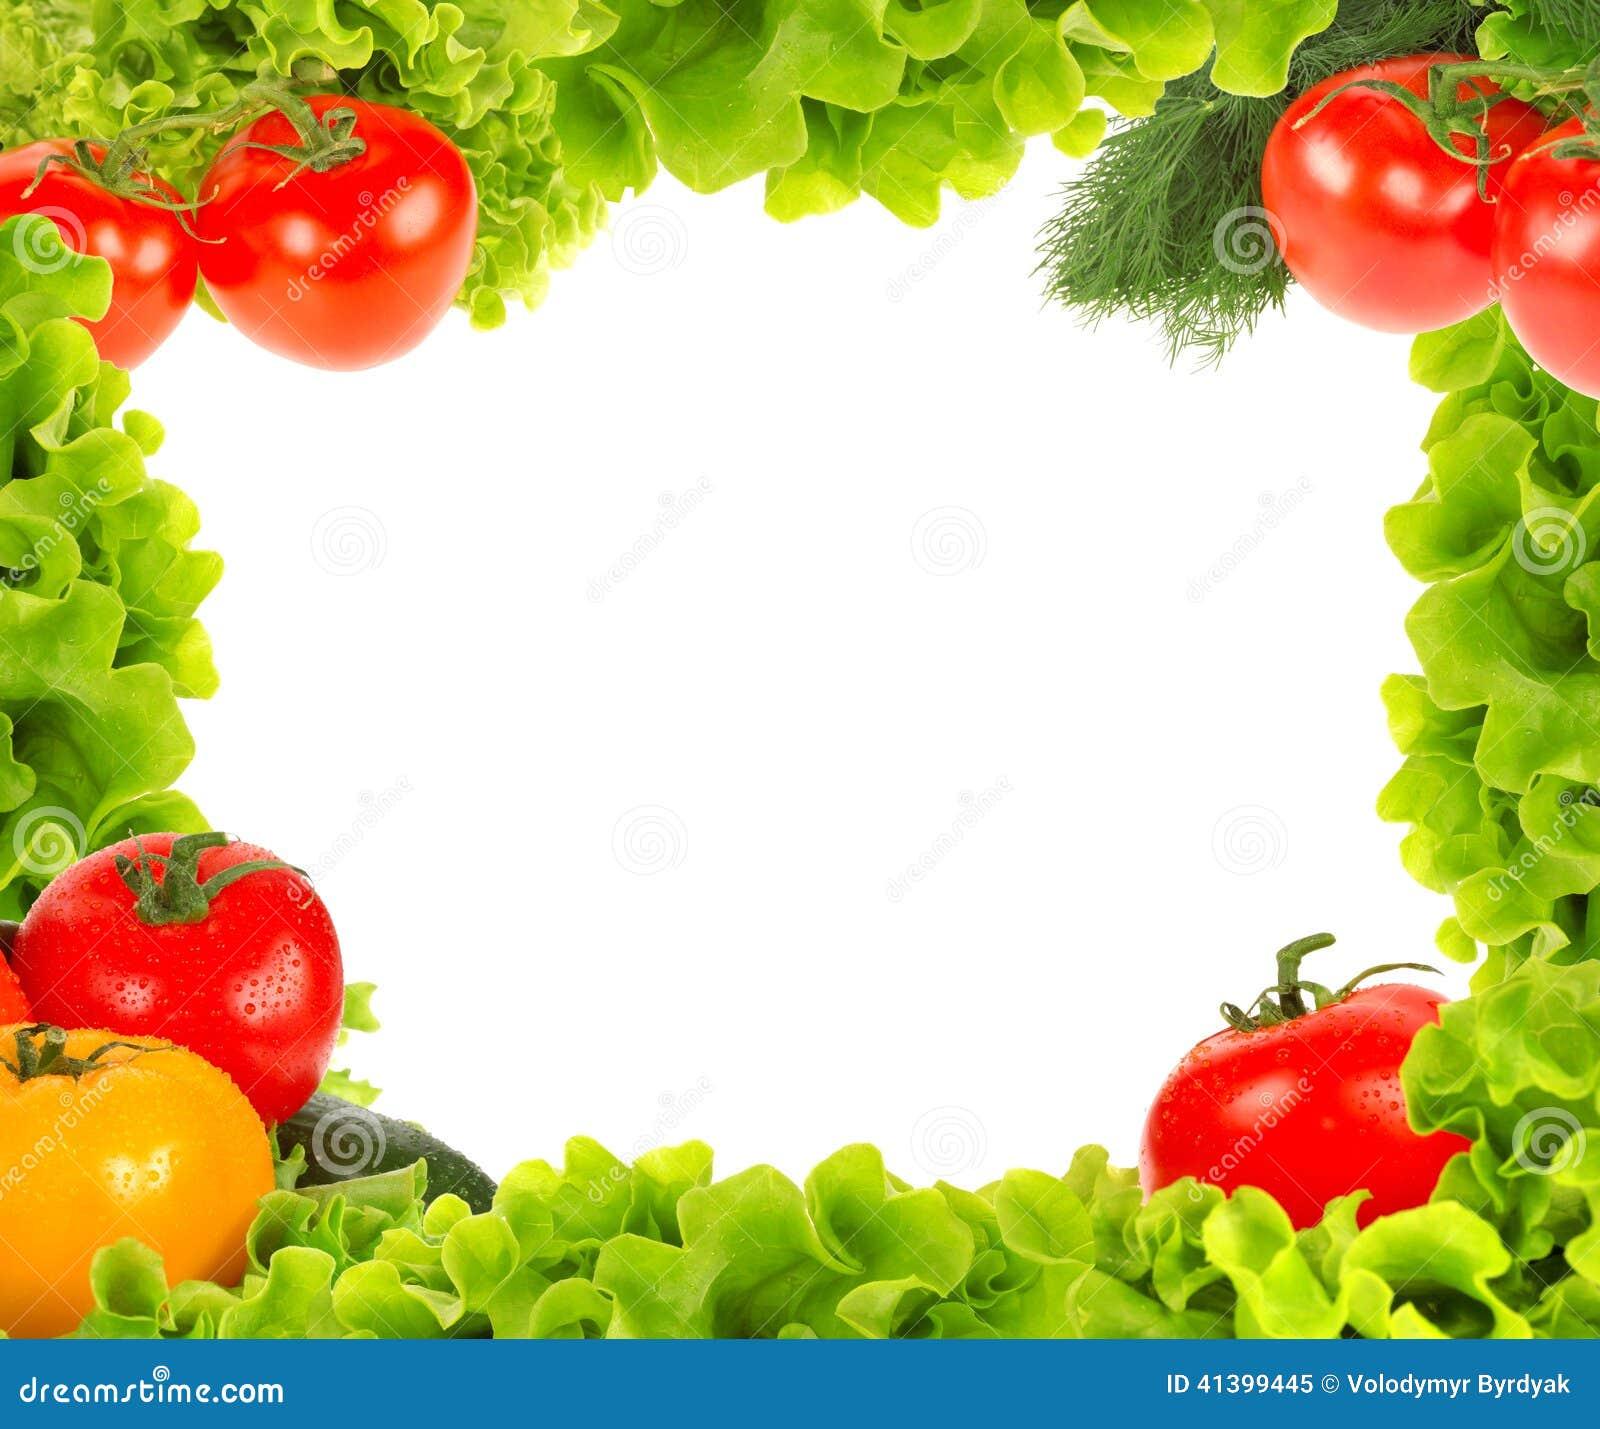 vegetables frame stock image image of health  garden fruit salad clipart png fruit salad clipart png